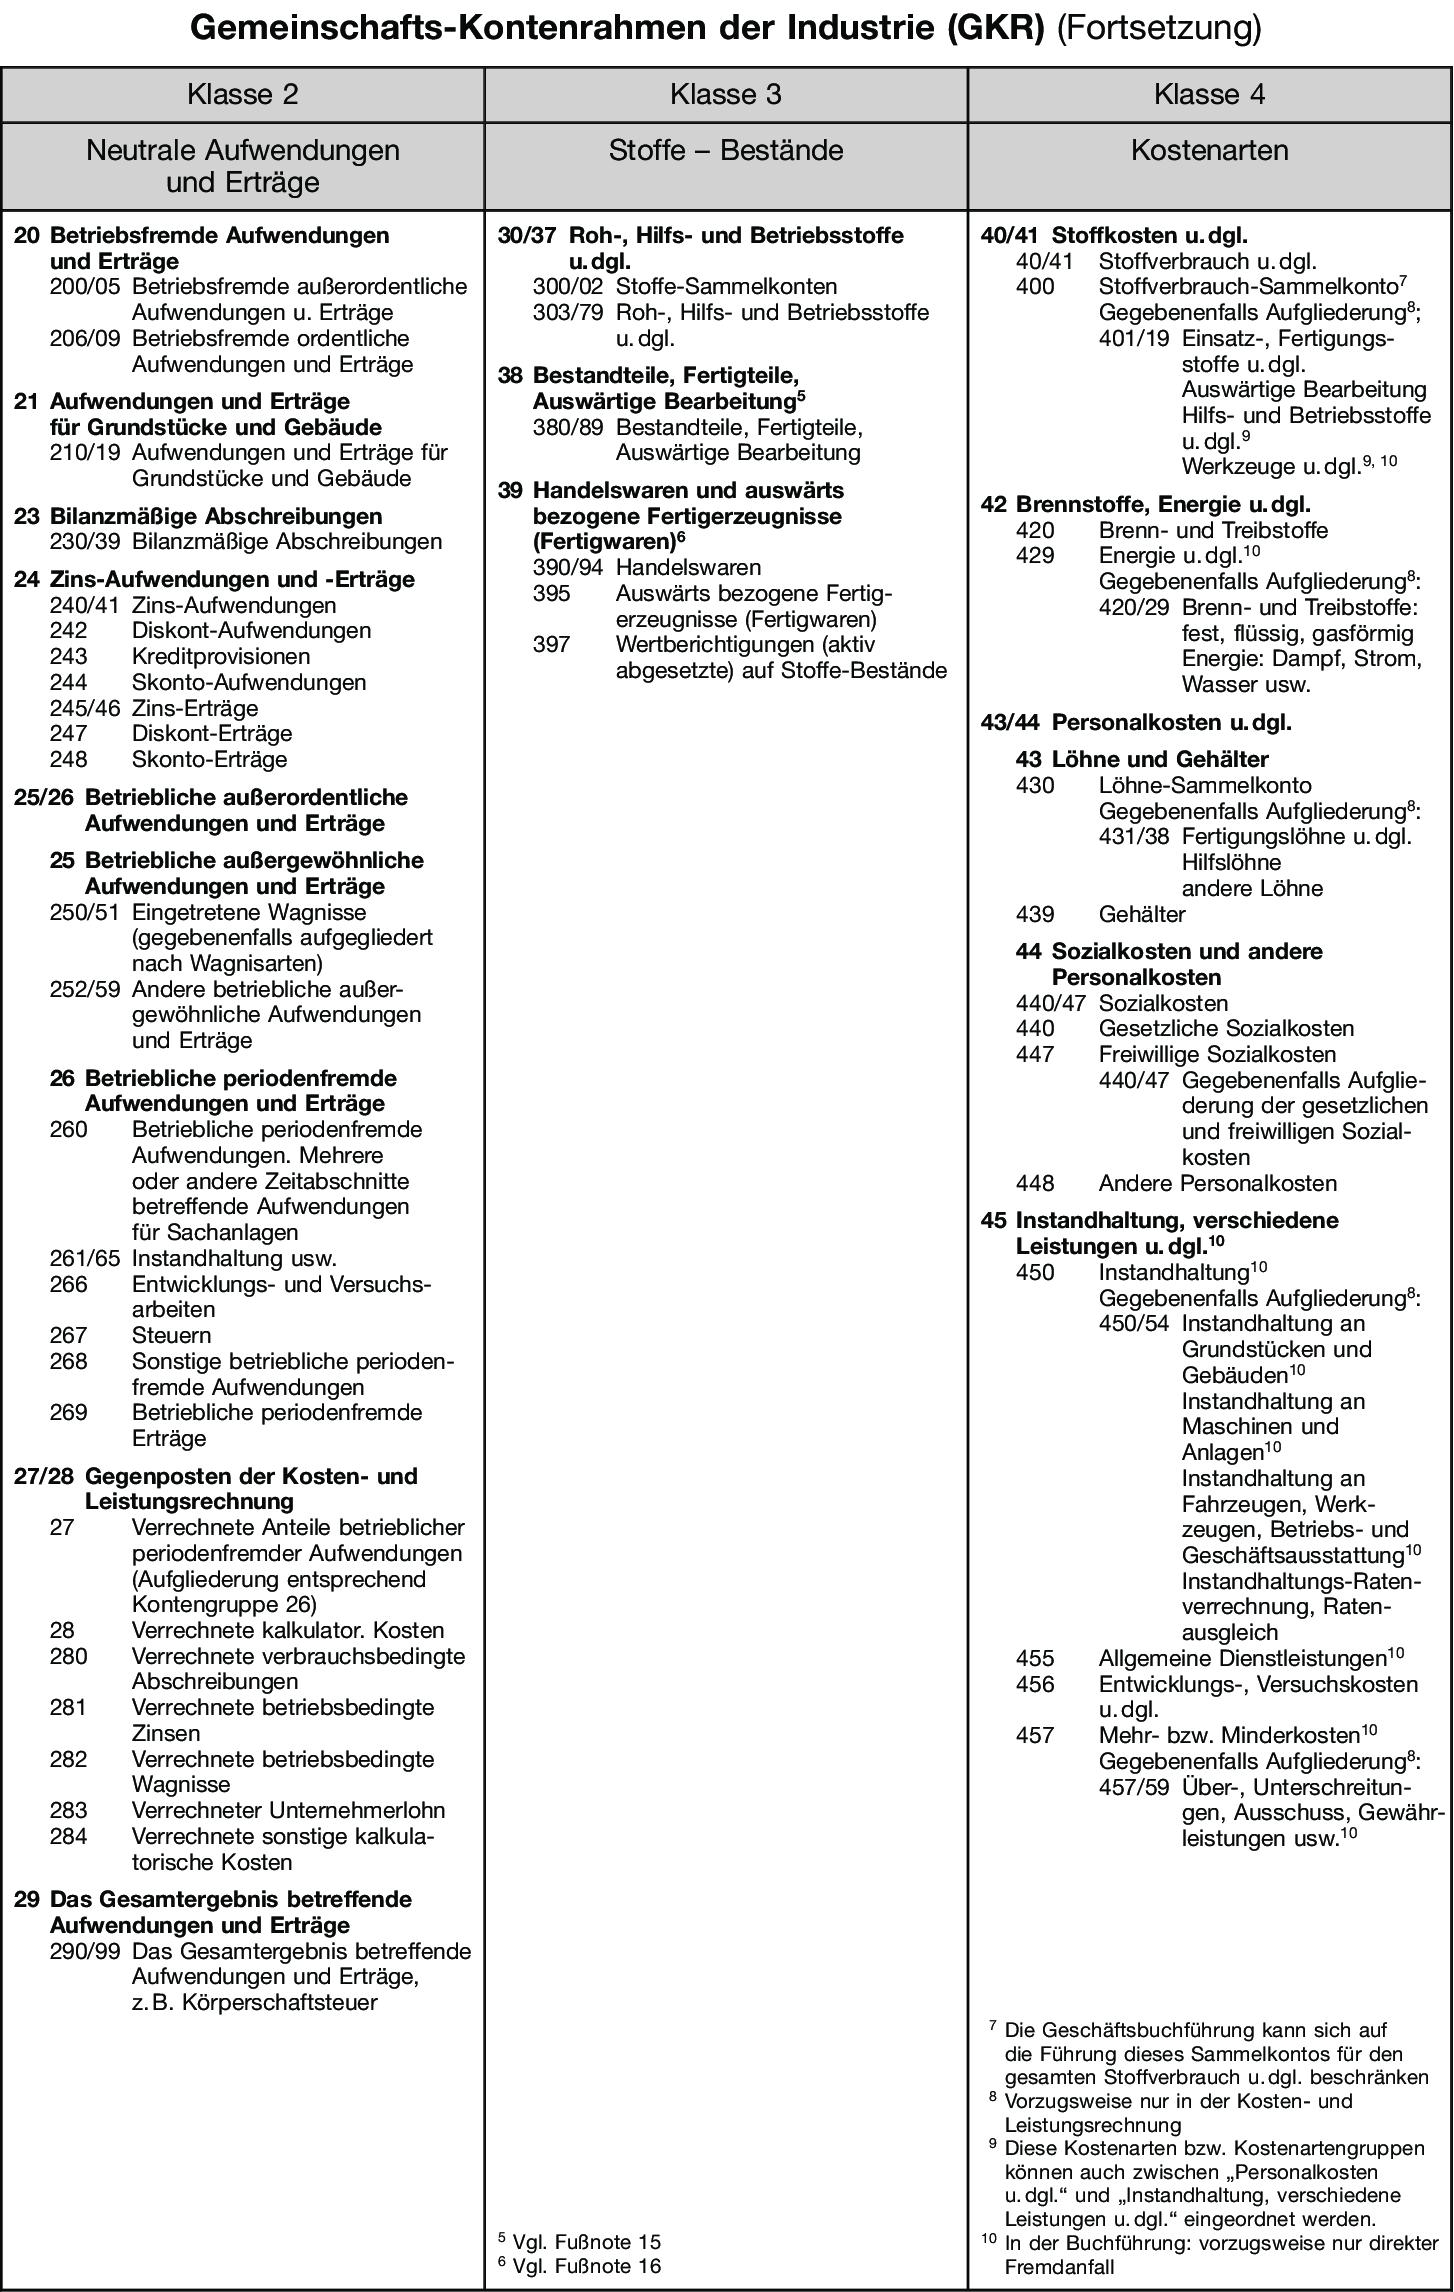 Gemeinschafts Kontenrahmen Industrieller Verbände Gkr Definition